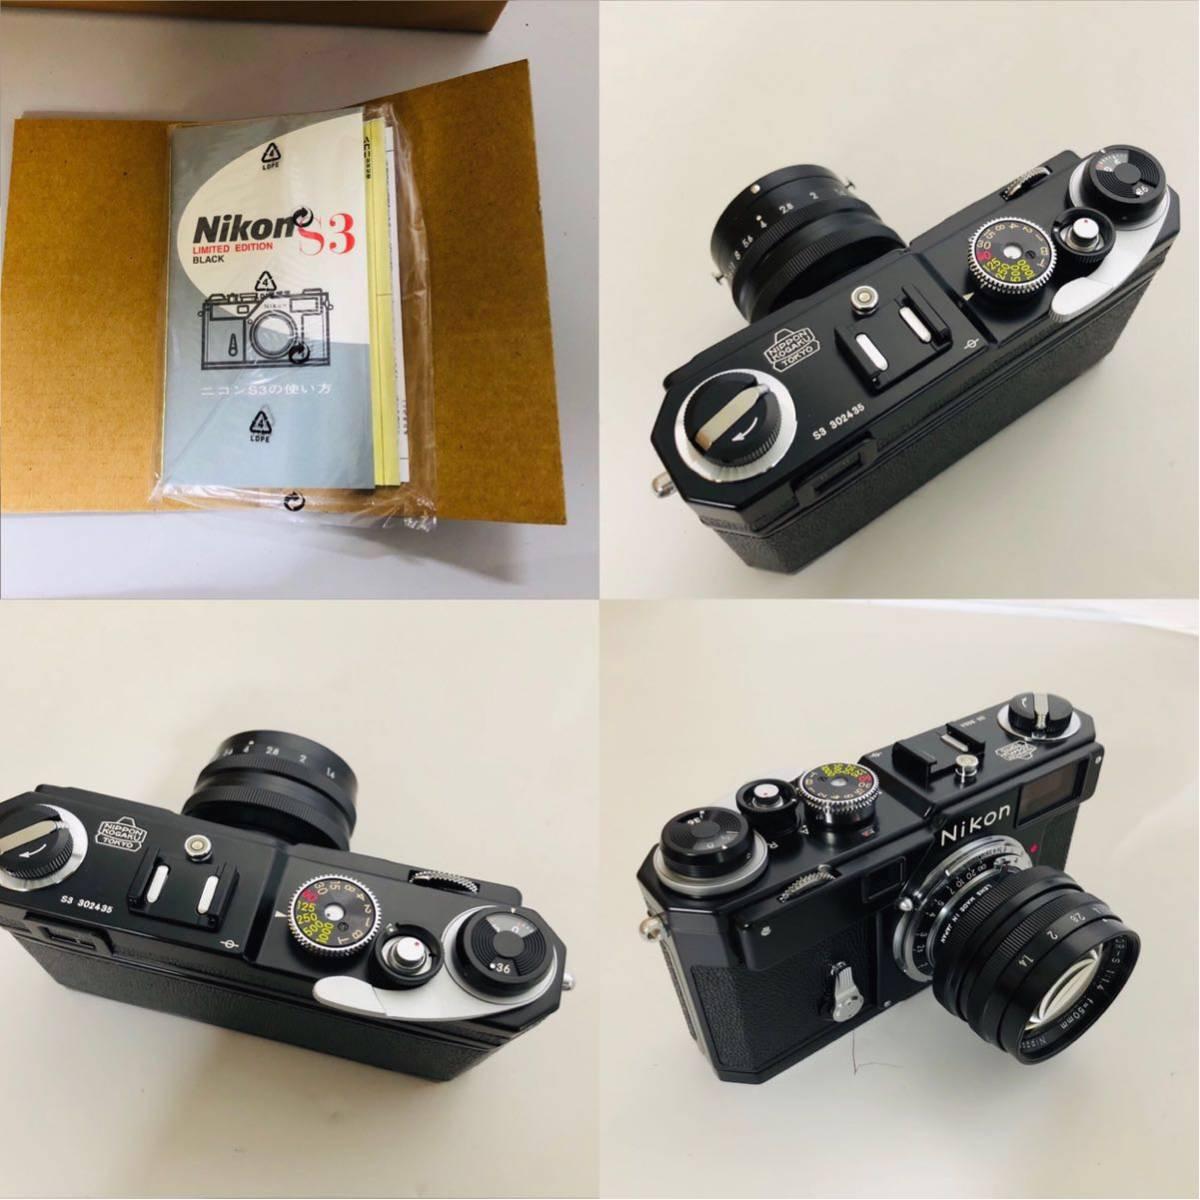 【未使用・美品】Nikon S3 LIMITED EDITION BLACK 50mm F1.4 302435_画像9